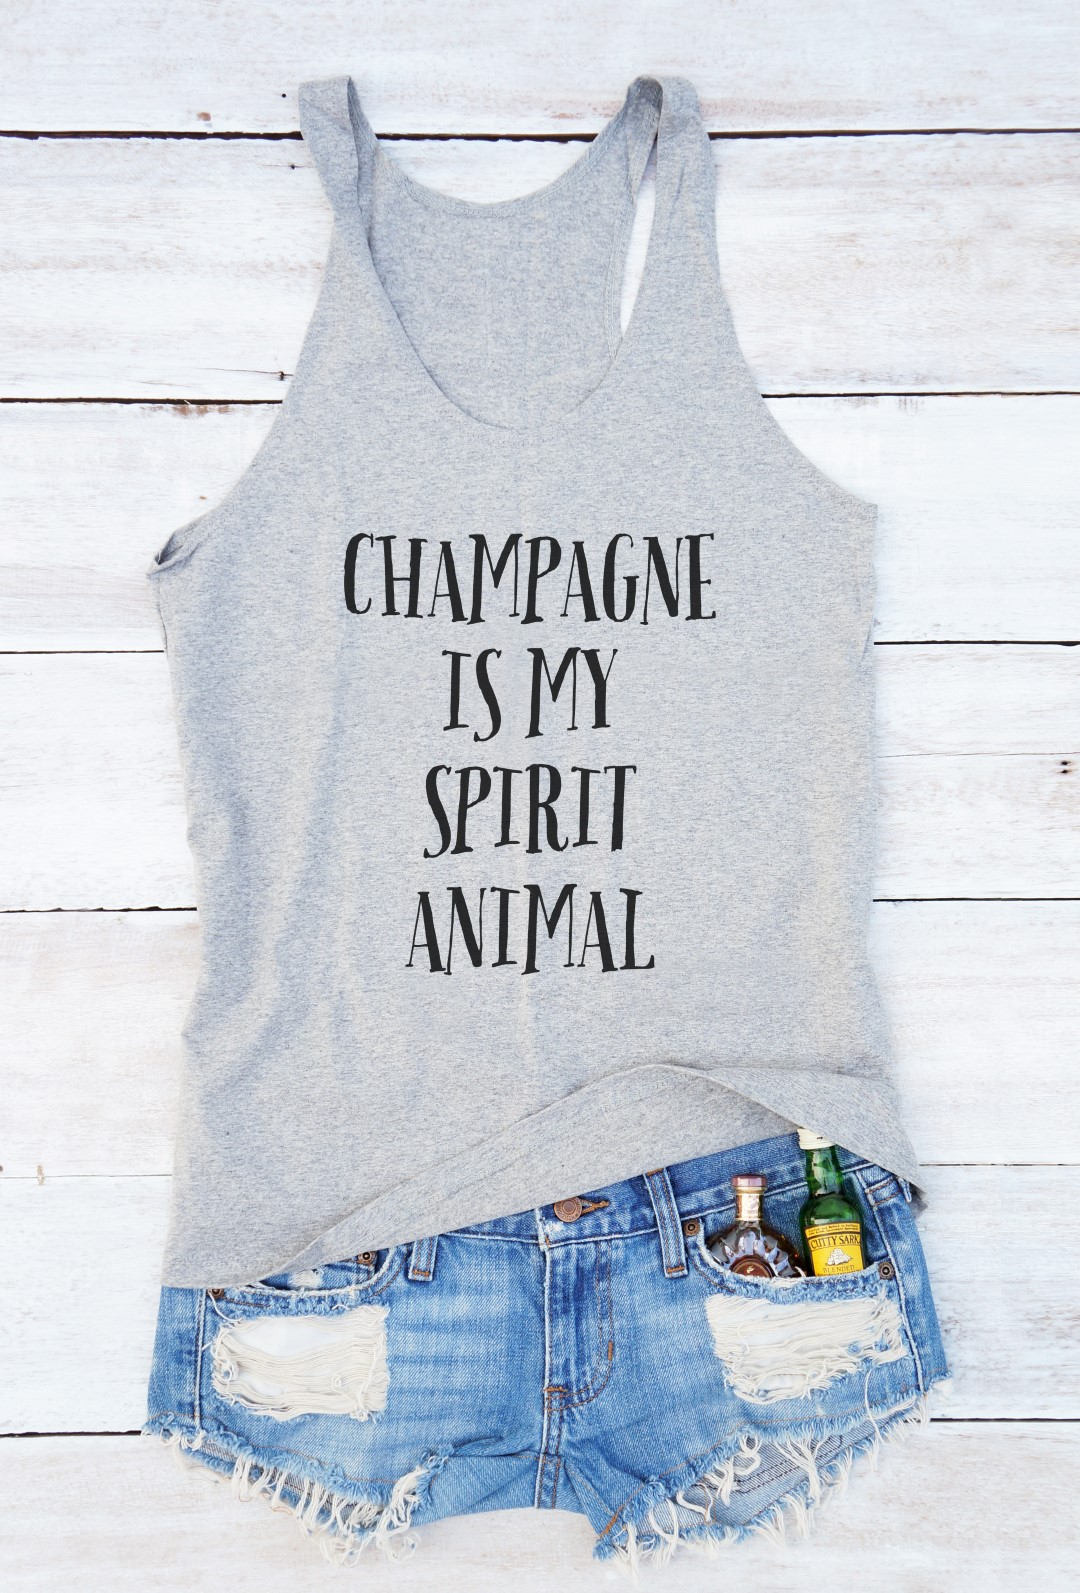 Champagner ist mein Geist Tier Hemd Mode lustigen Stil lustige   Etsy